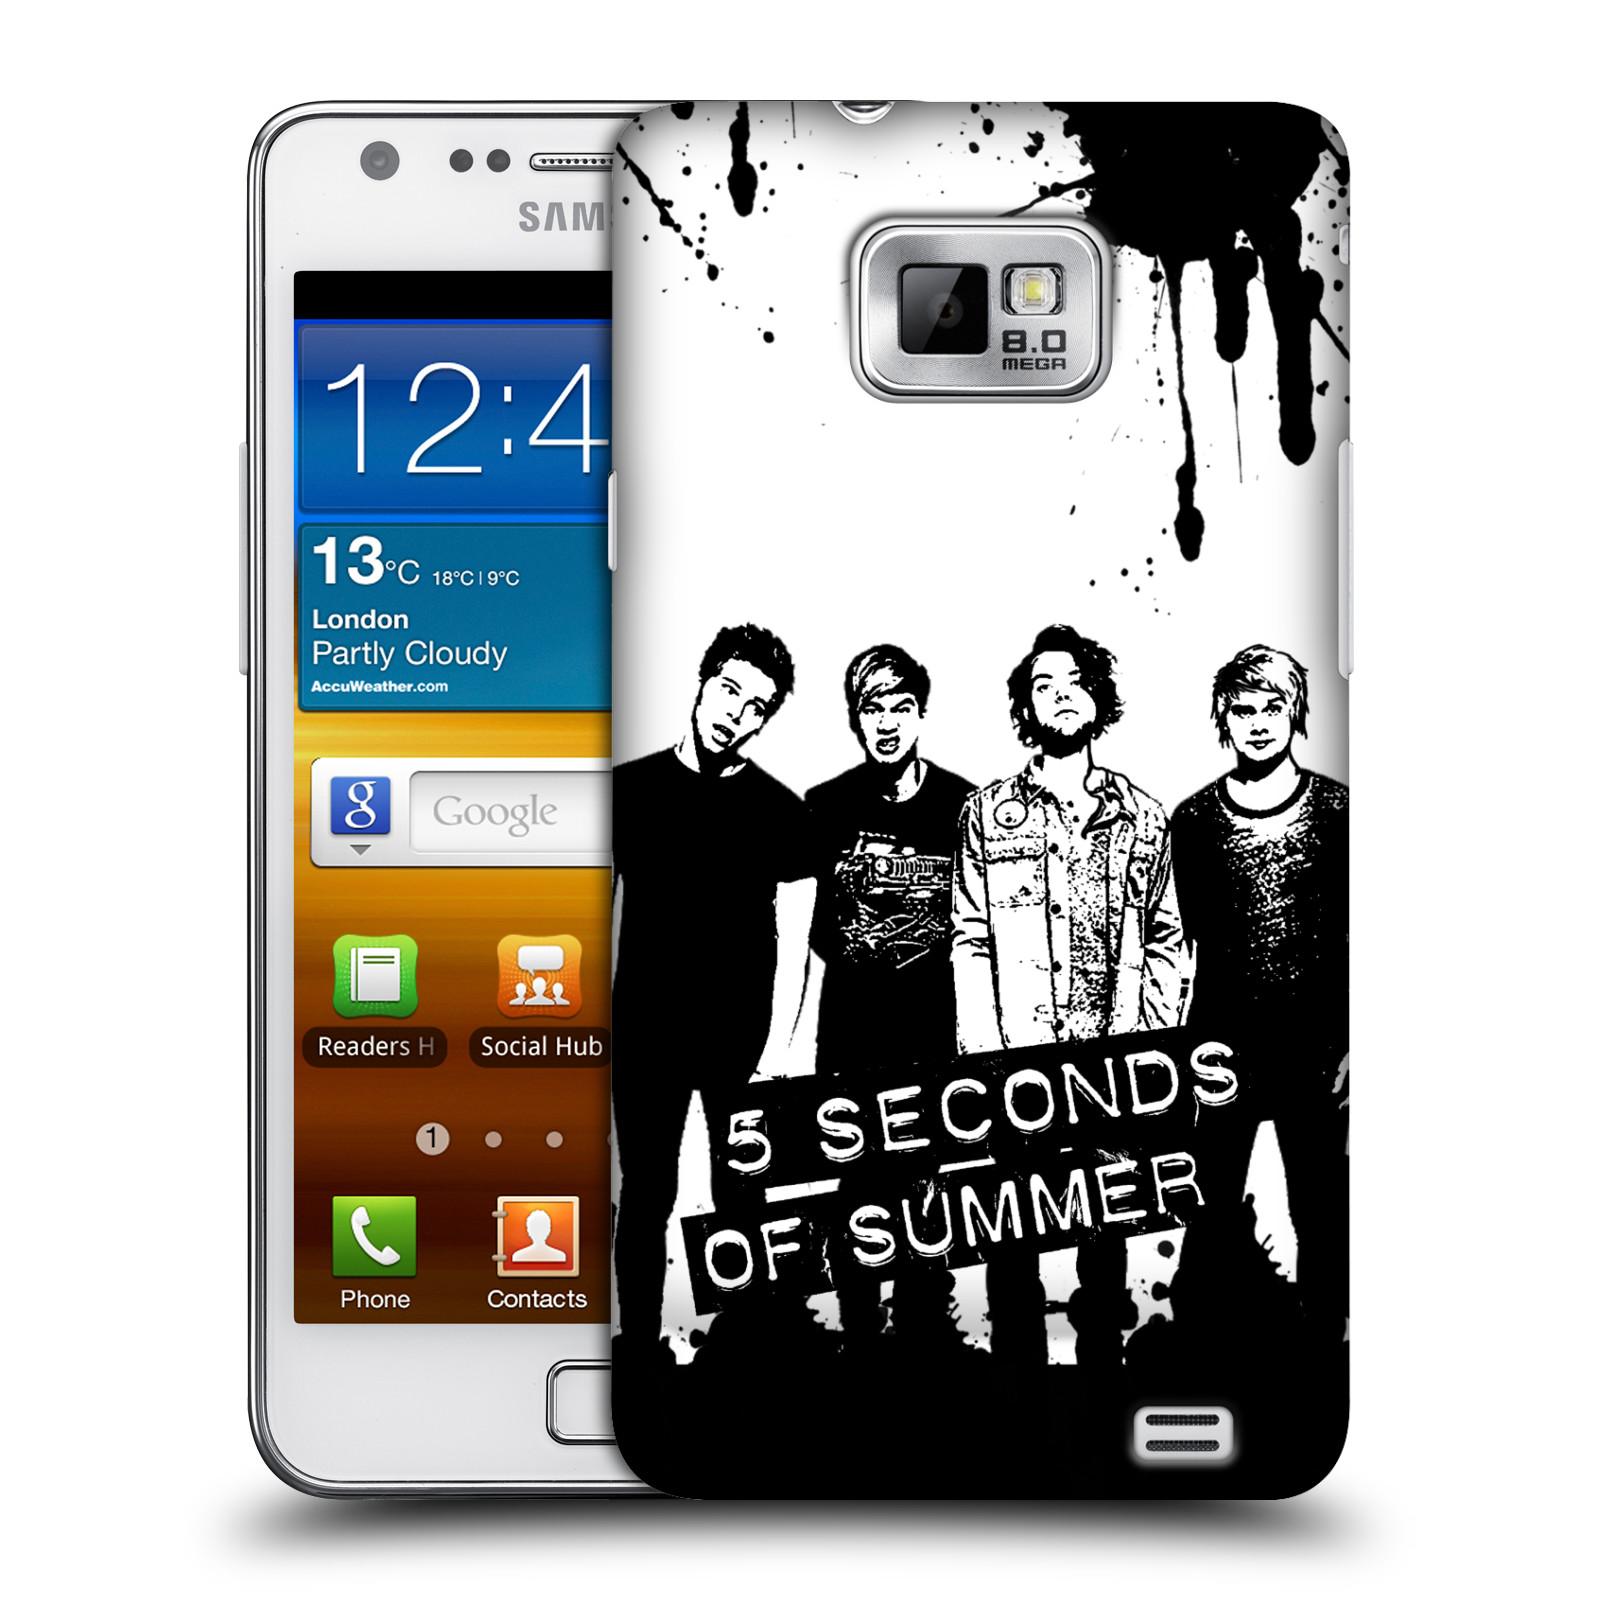 Plastové pouzdro na mobil Samsung Galaxy S II HEAD CASE 5 Seconds of Summer - Band Black and White (Plastový kryt či obal na mobilní telefon licencovaným motivem 5 Seconds of Summer pro Samsung Galaxy S II GT-i9100)